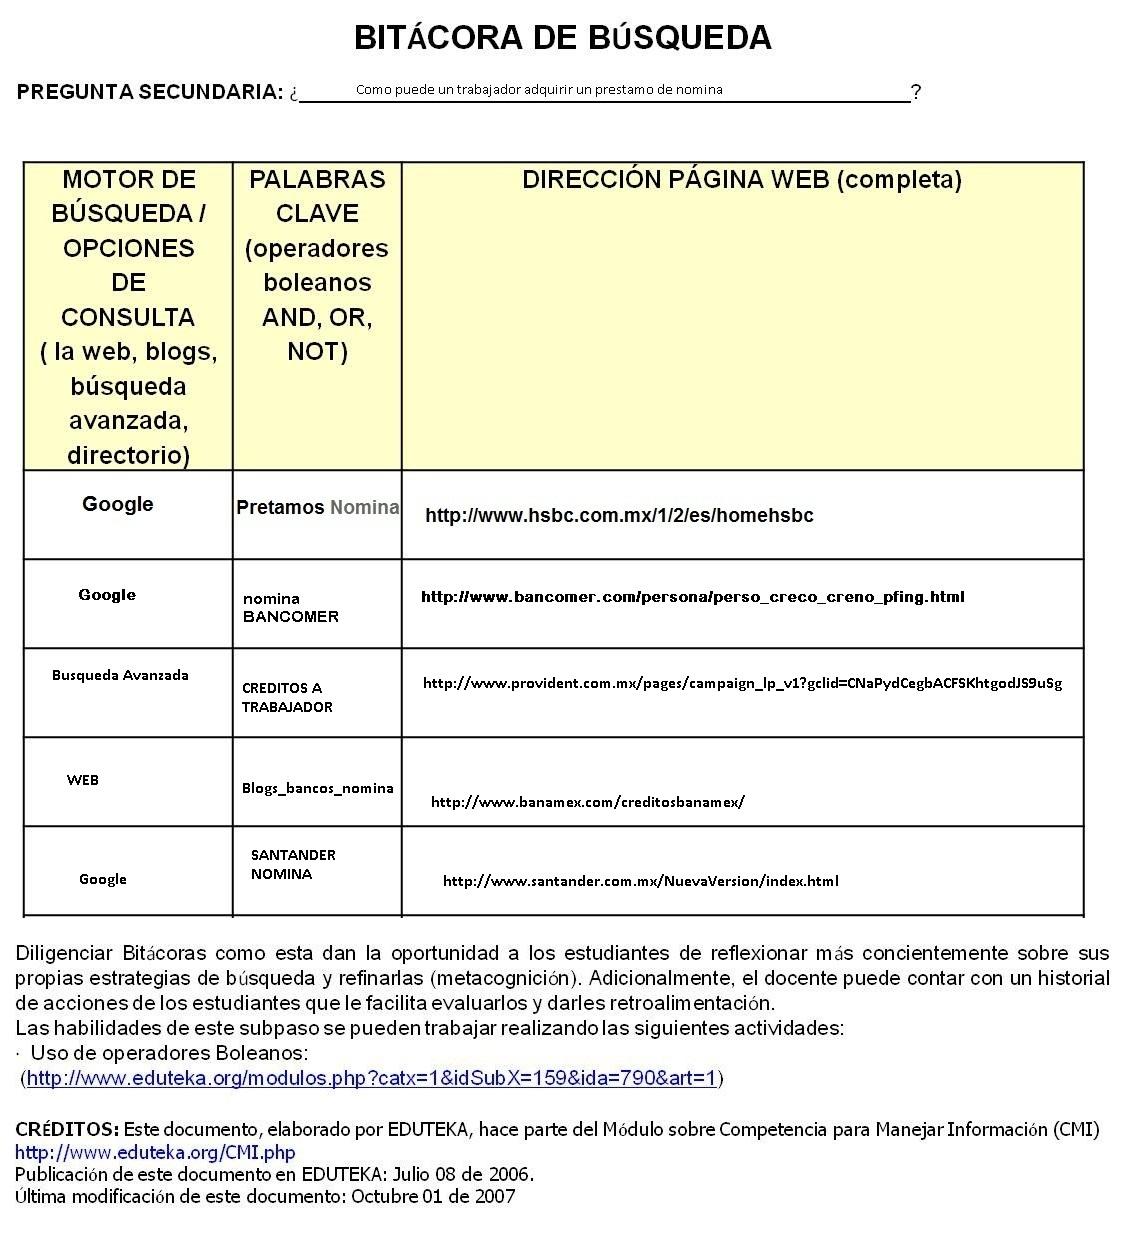 Proyecto Bitacoras De Busqueda Credito Nomina Bancomer